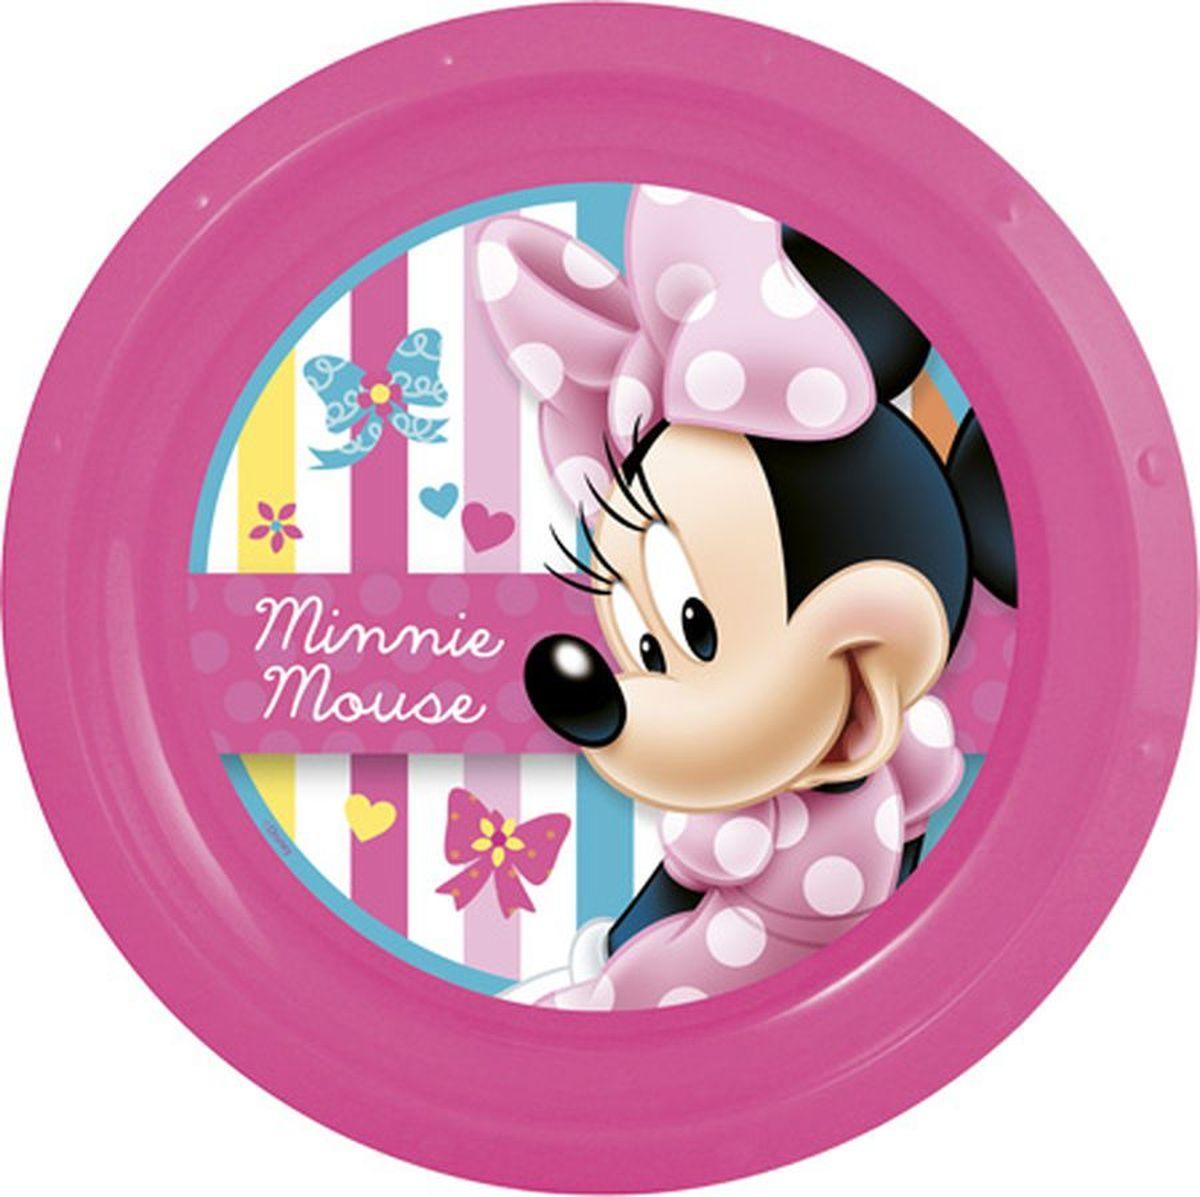 Disney Тарелка Минни диаметр 21,5 см59512Яркая тарелка Disney превратит процесс кормления вашего малыша в веселую игру. Дно оформлено изображением забавной мышки Минни. Ваш ребенок будет кушать с большим удовольствием, стараясь быстрее добраться до картинки.